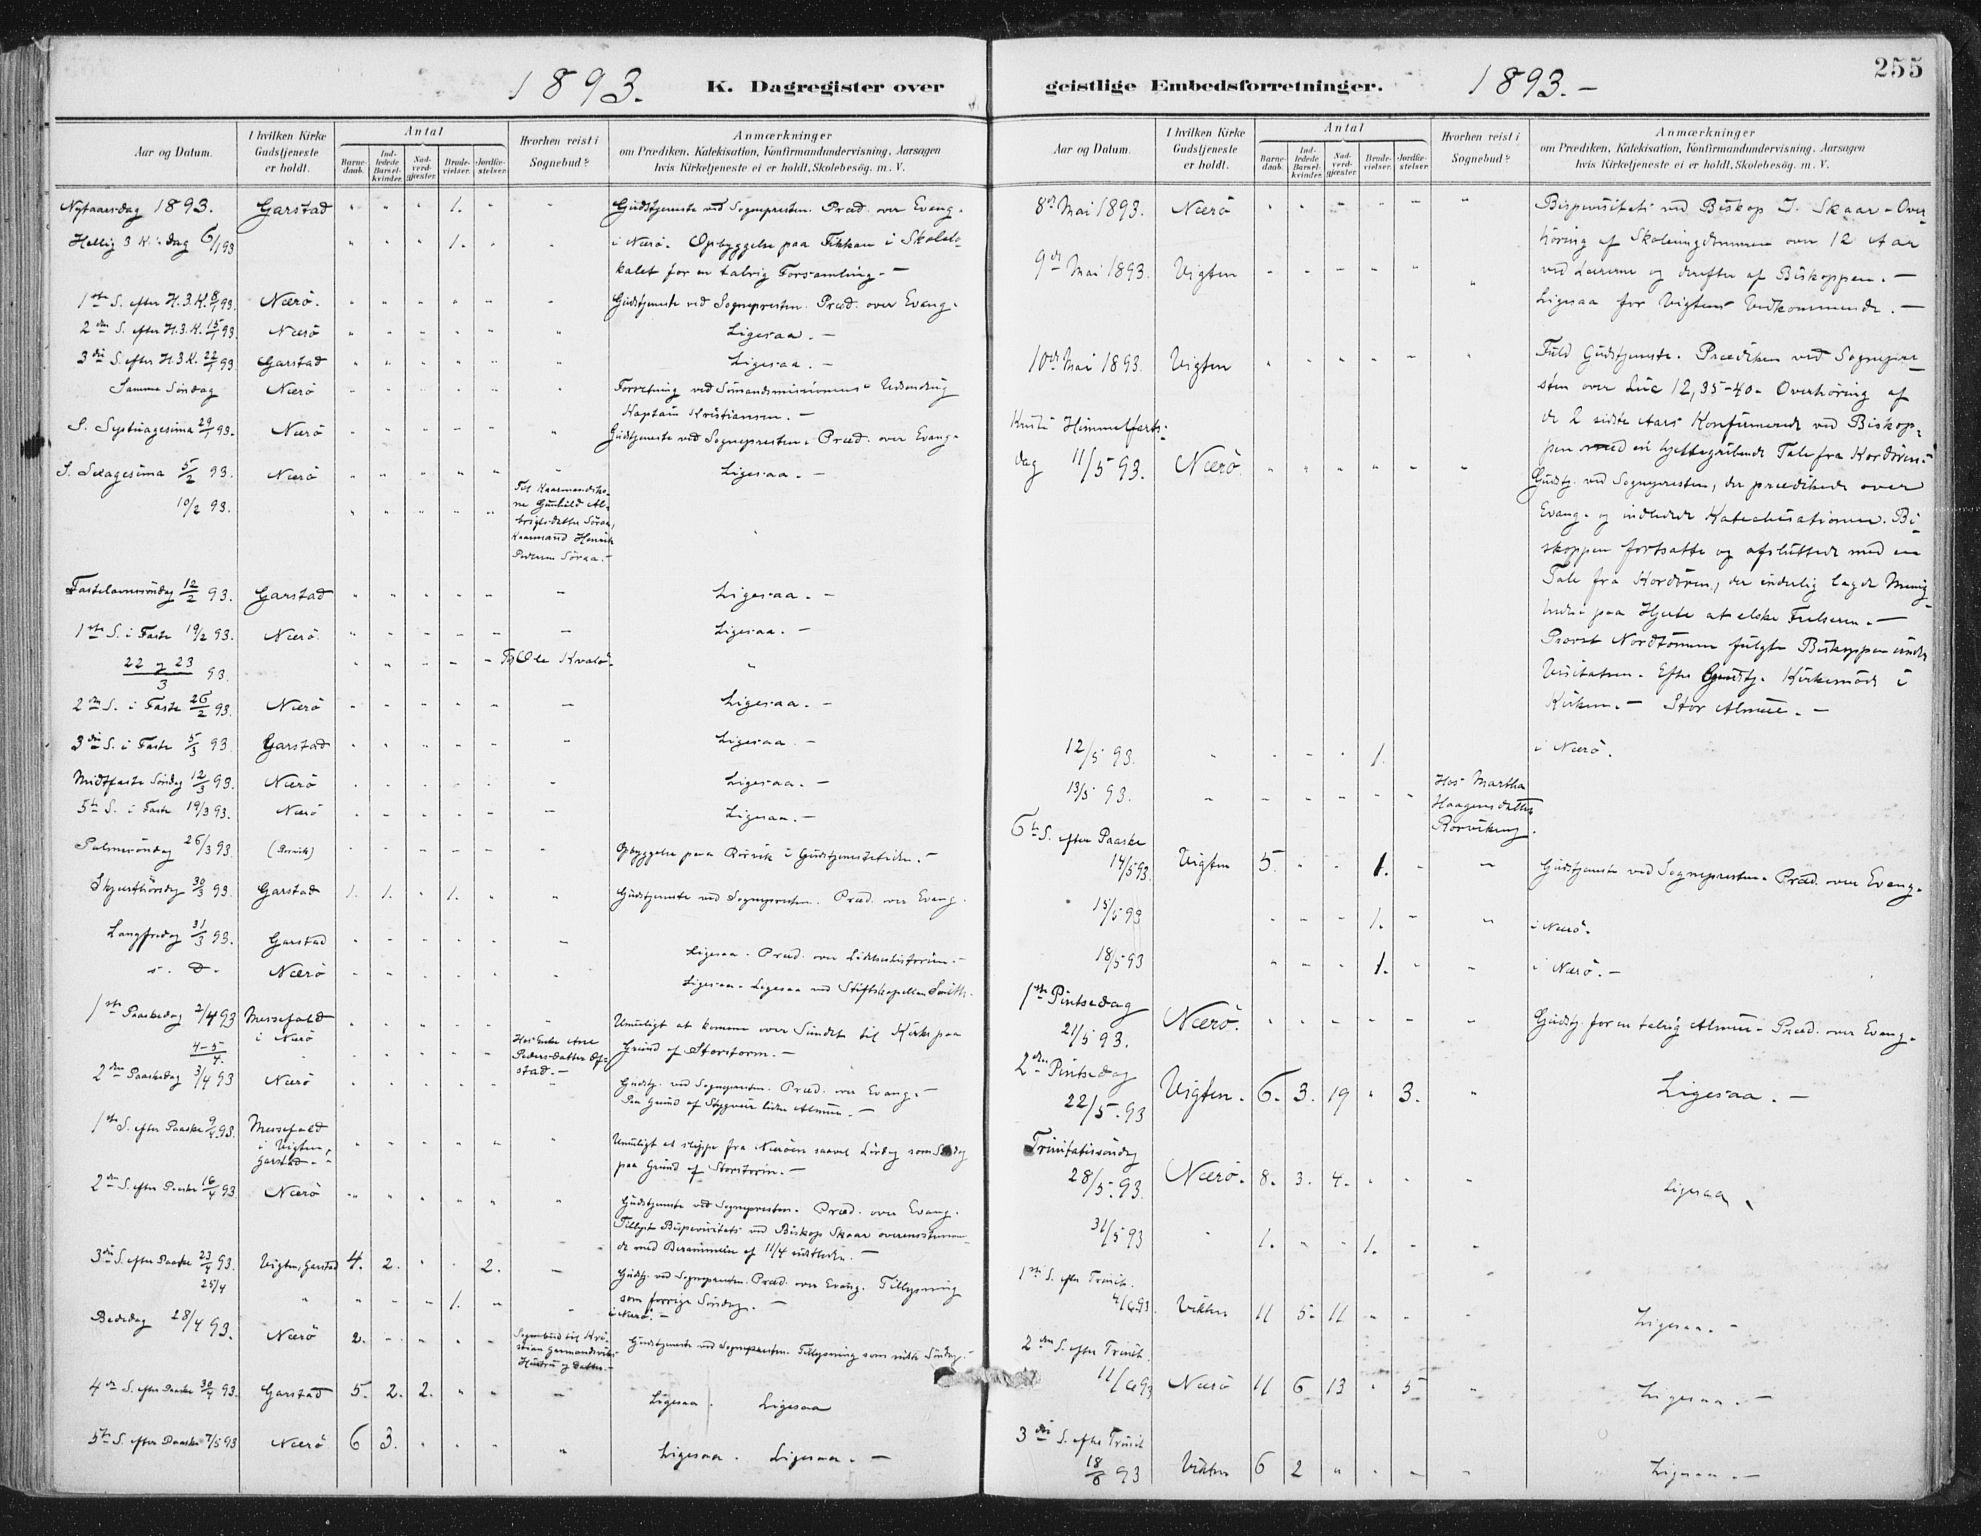 SAT, Ministerialprotokoller, klokkerbøker og fødselsregistre - Nord-Trøndelag, 784/L0673: Ministerialbok nr. 784A08, 1888-1899, s. 255